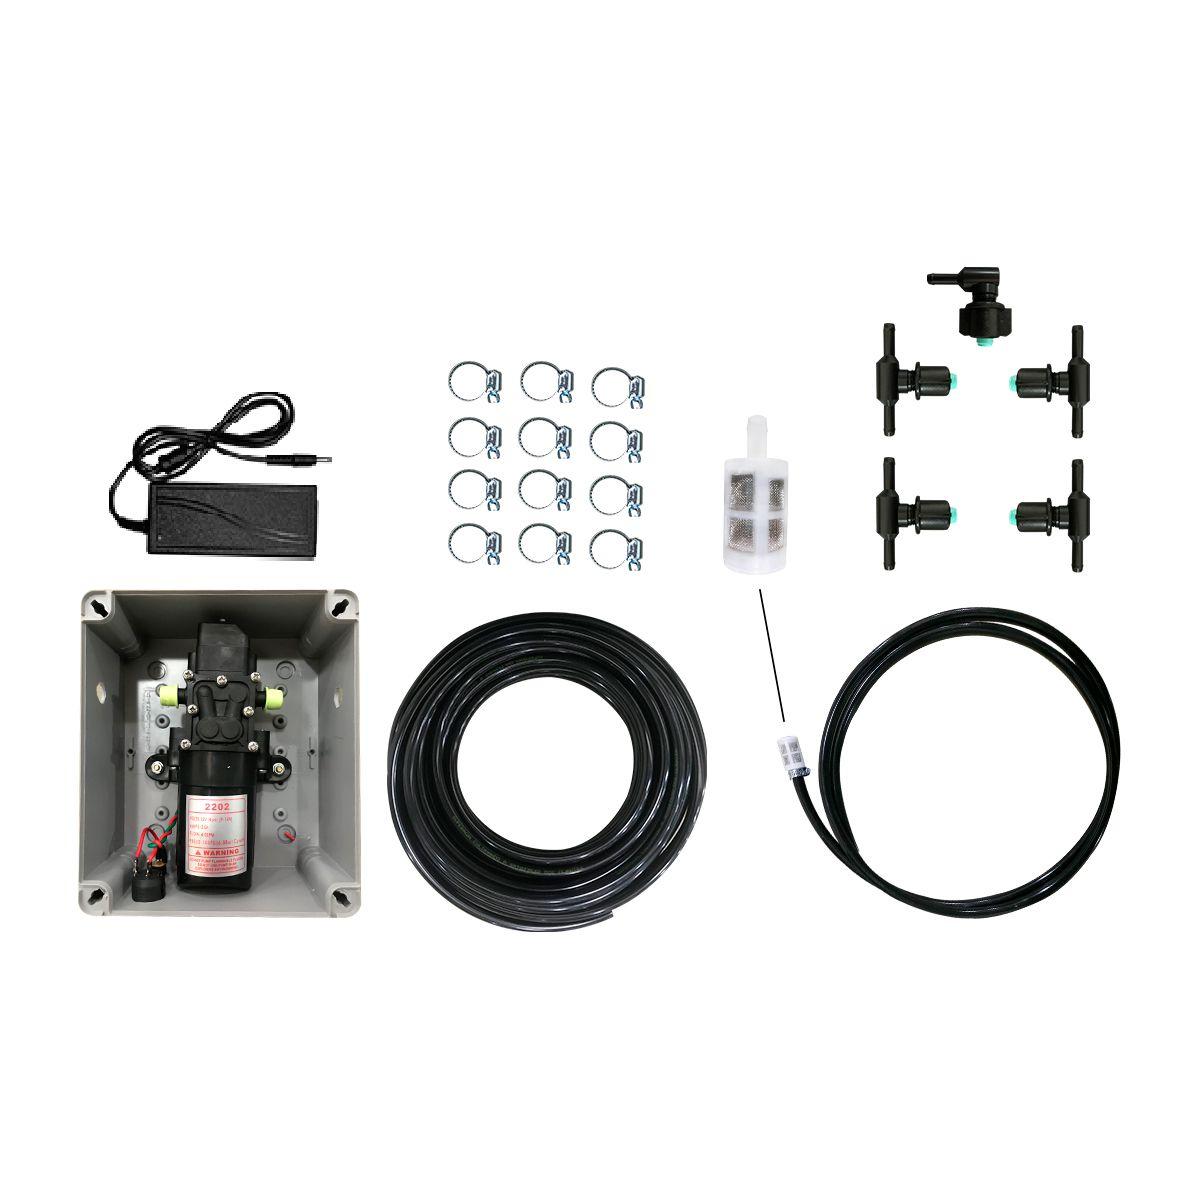 Kit Desinfecção 5 Bicos 100 Litros SuperAgri